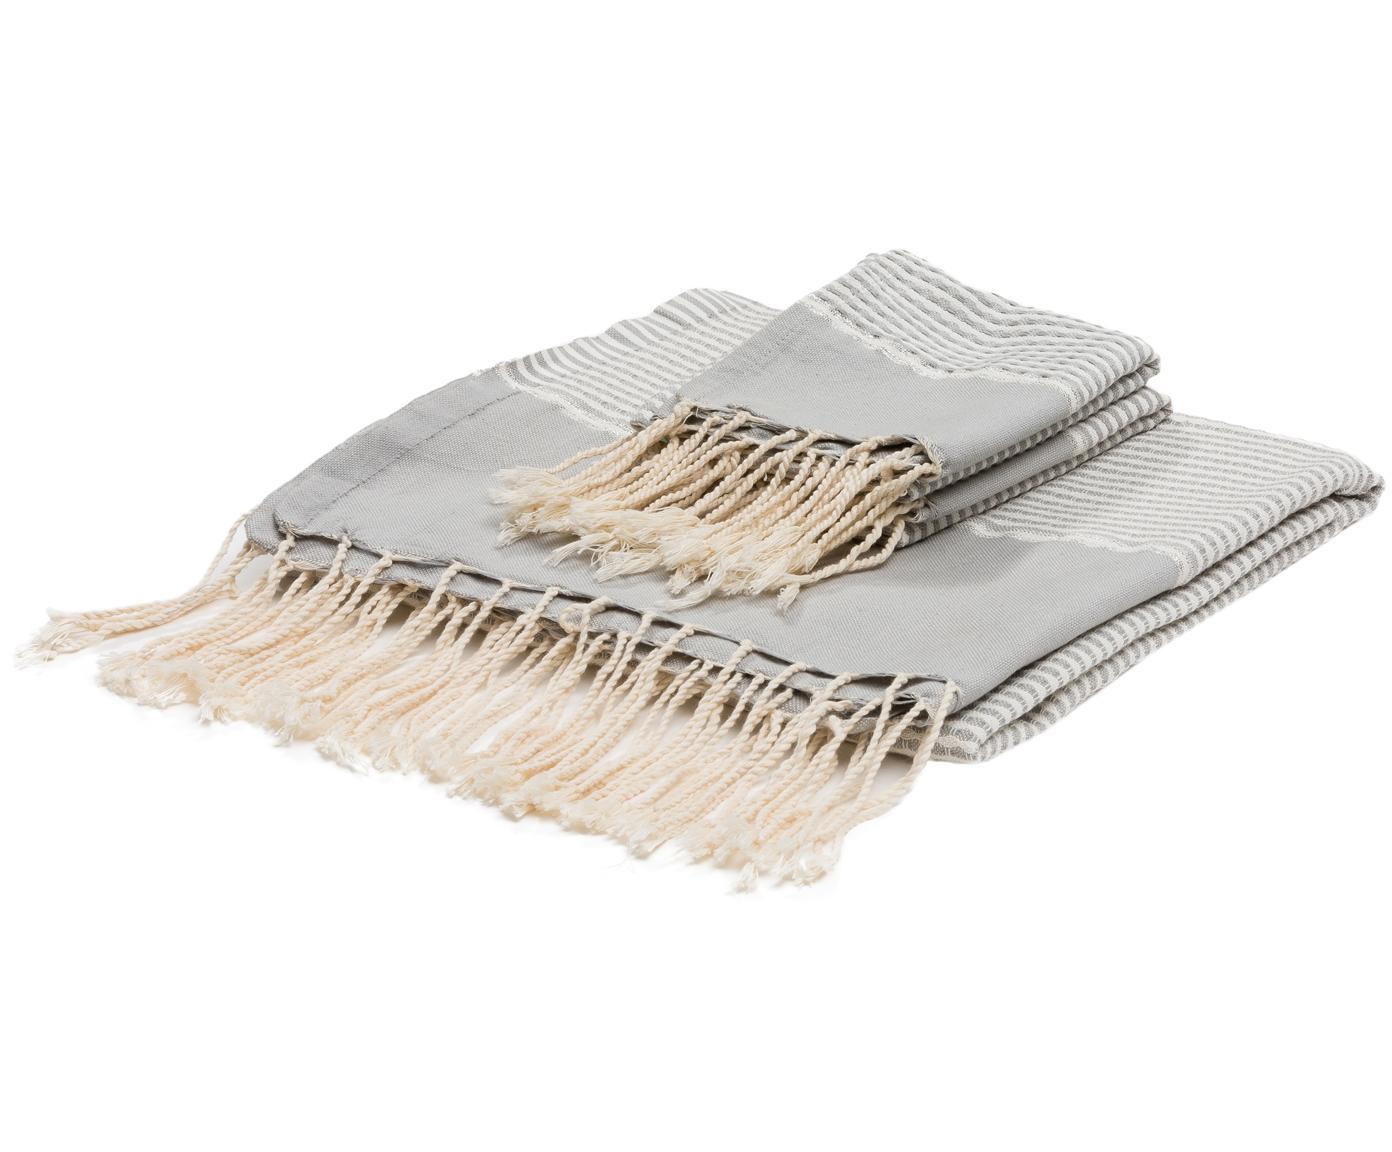 Set di 3 asciugamani con bordo in lurex Copenhague, 100% cotone con fili di lurex Qualità molto leggera, 200 g/m², Grigio perlato, argento, bianco, Diverse dimensioni